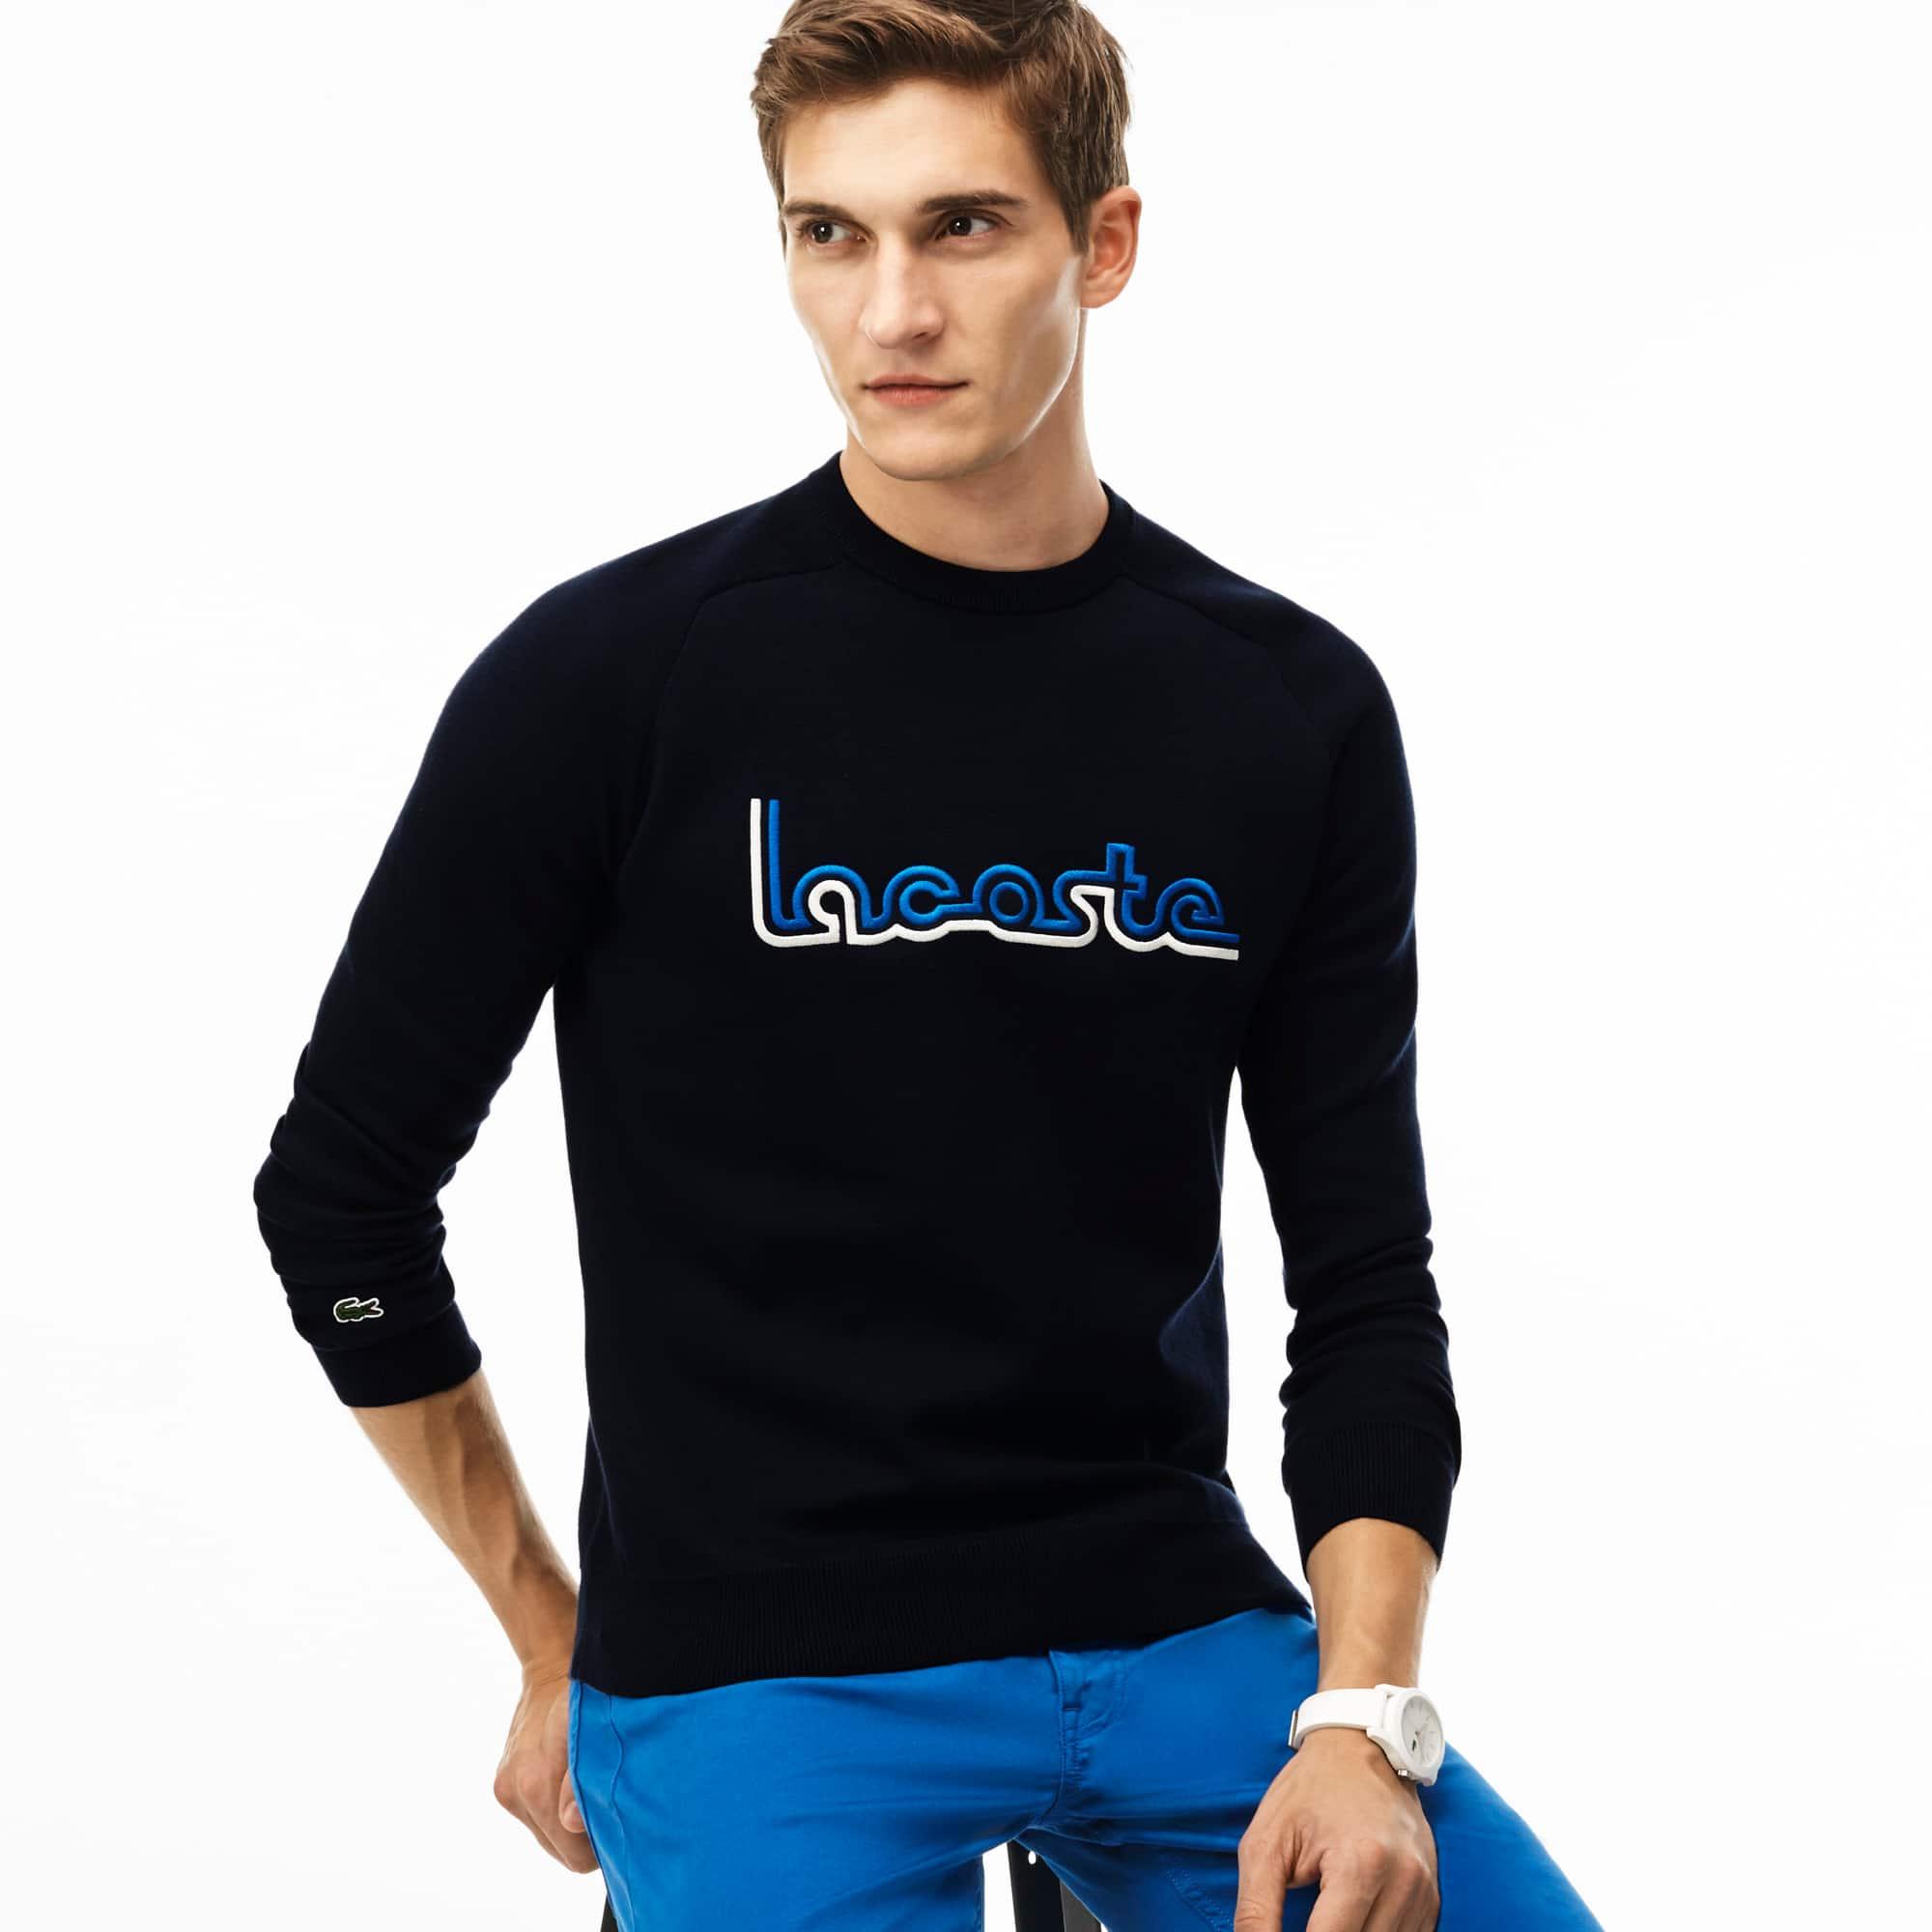 Men's Embroidery Interlock Knit Sweatshirt